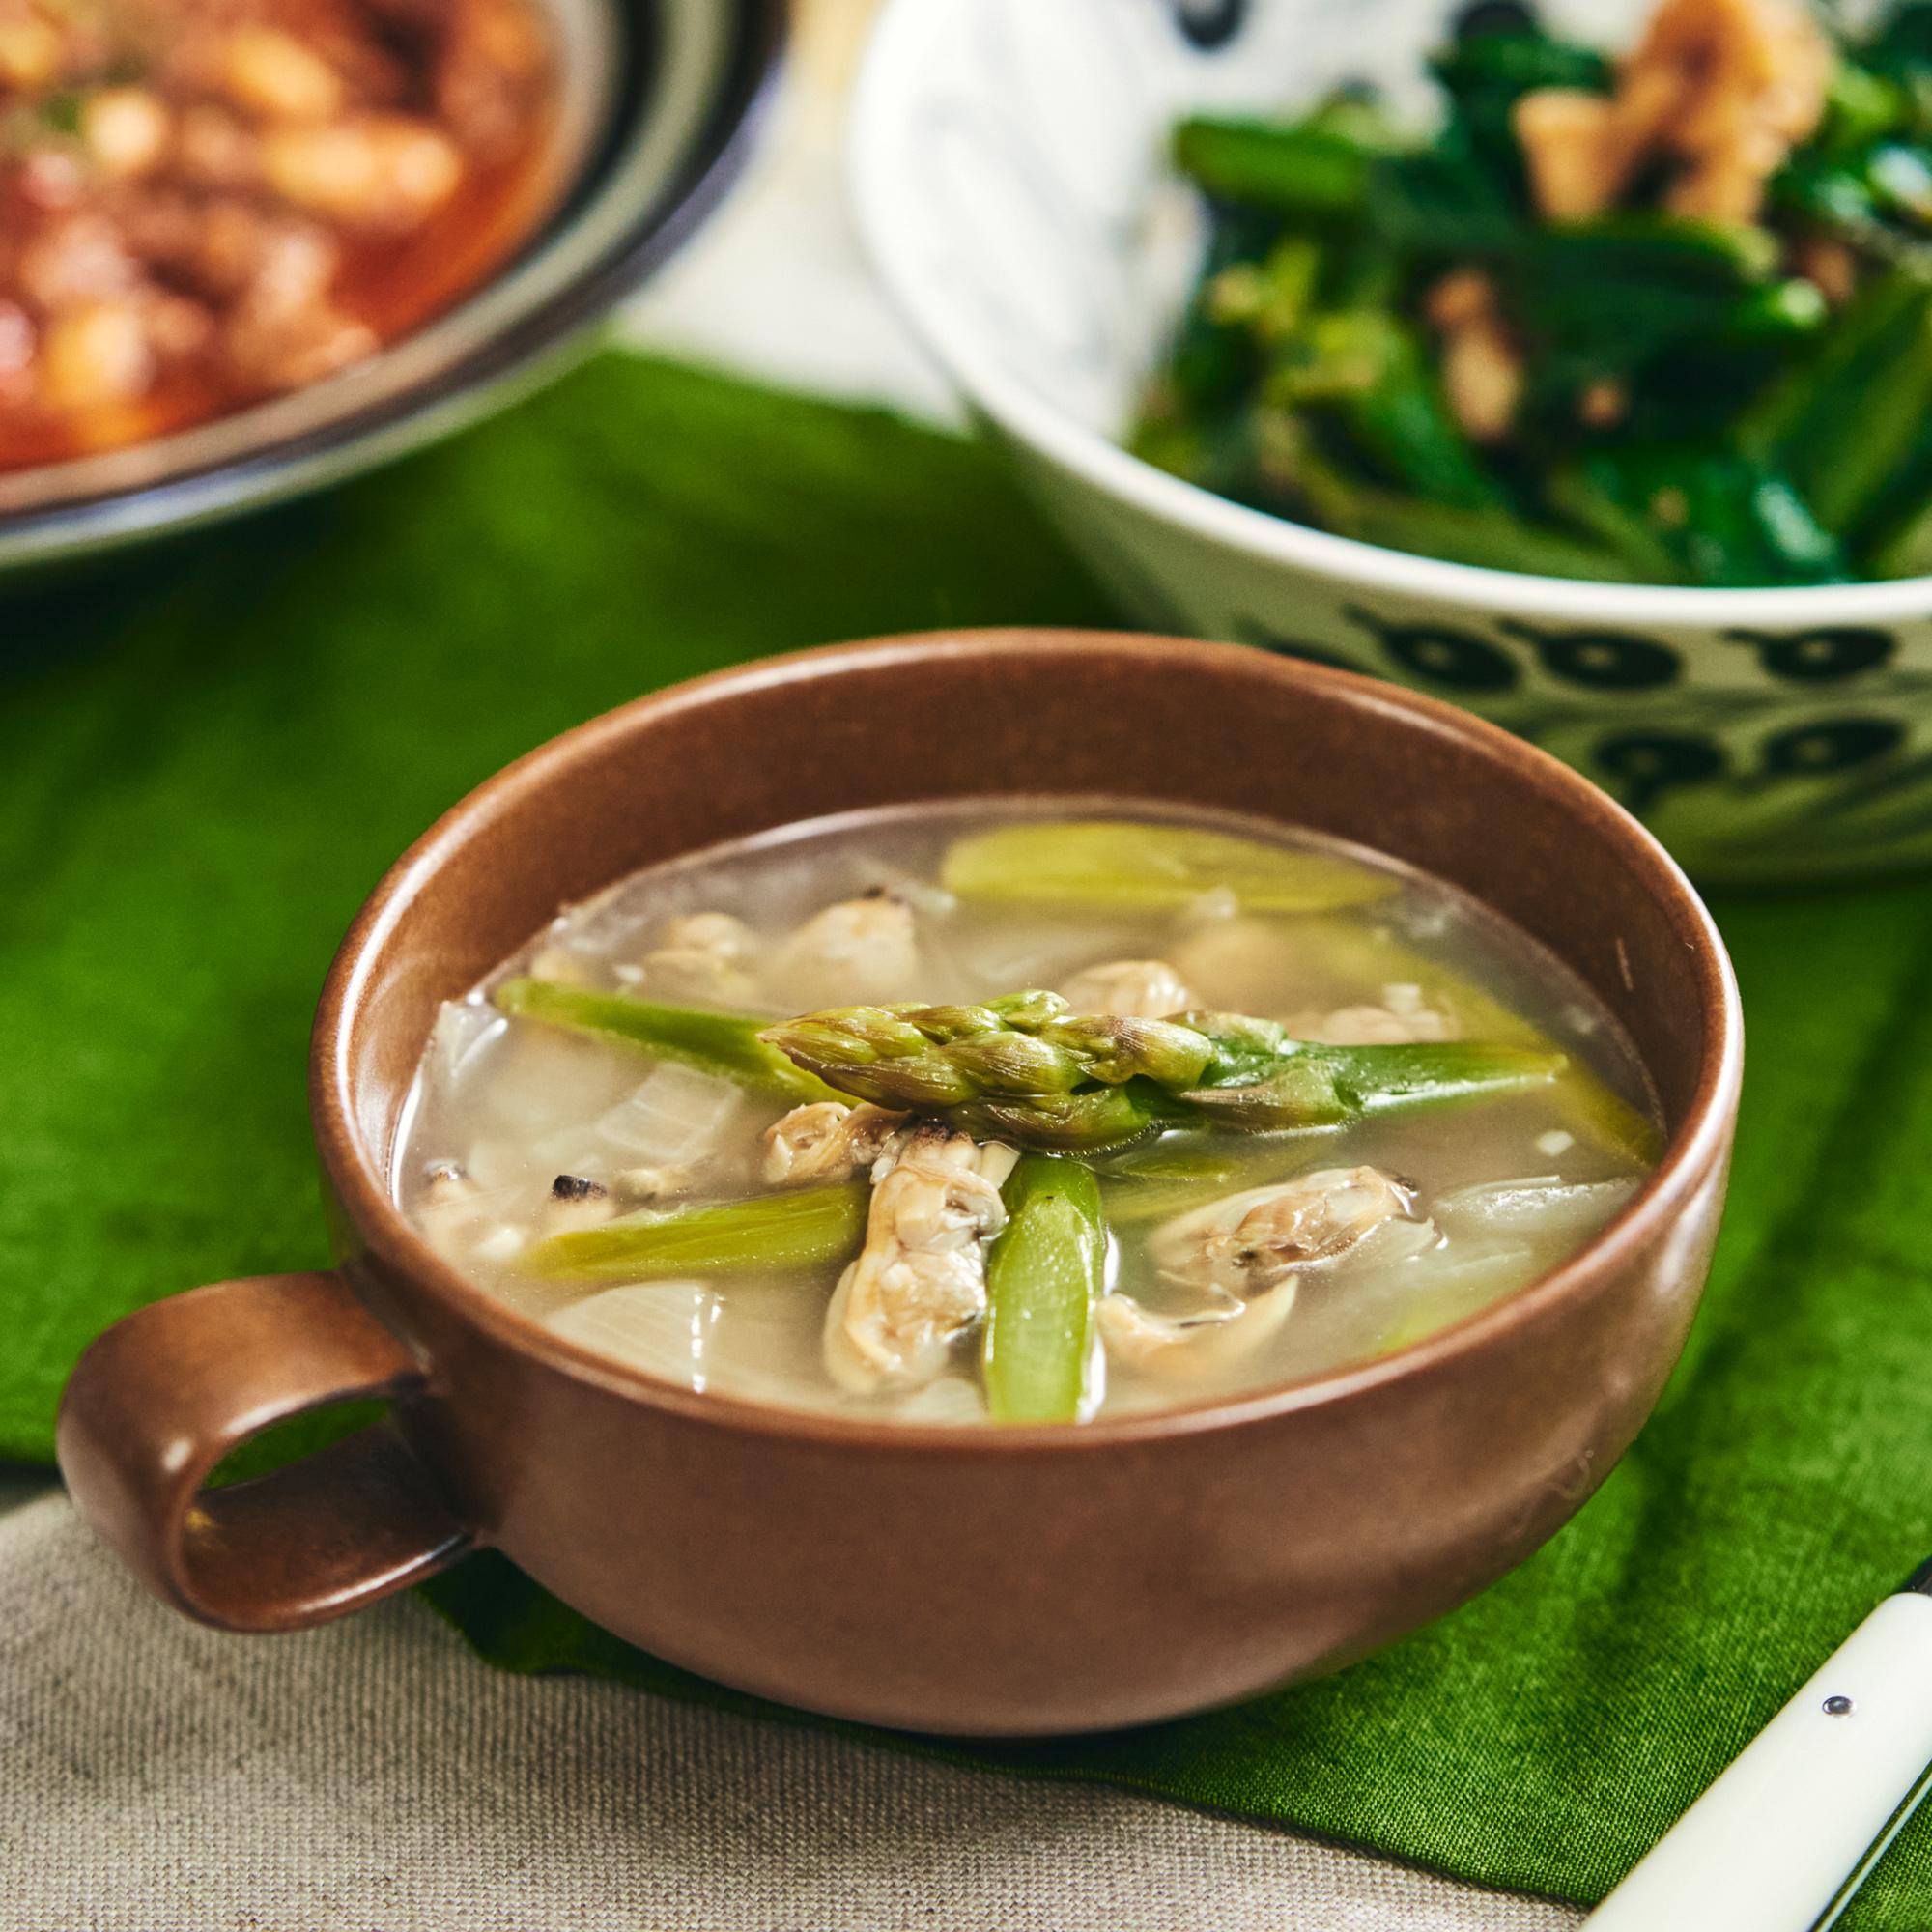 体温まる♪あさりとアスパラのあっさりスープ